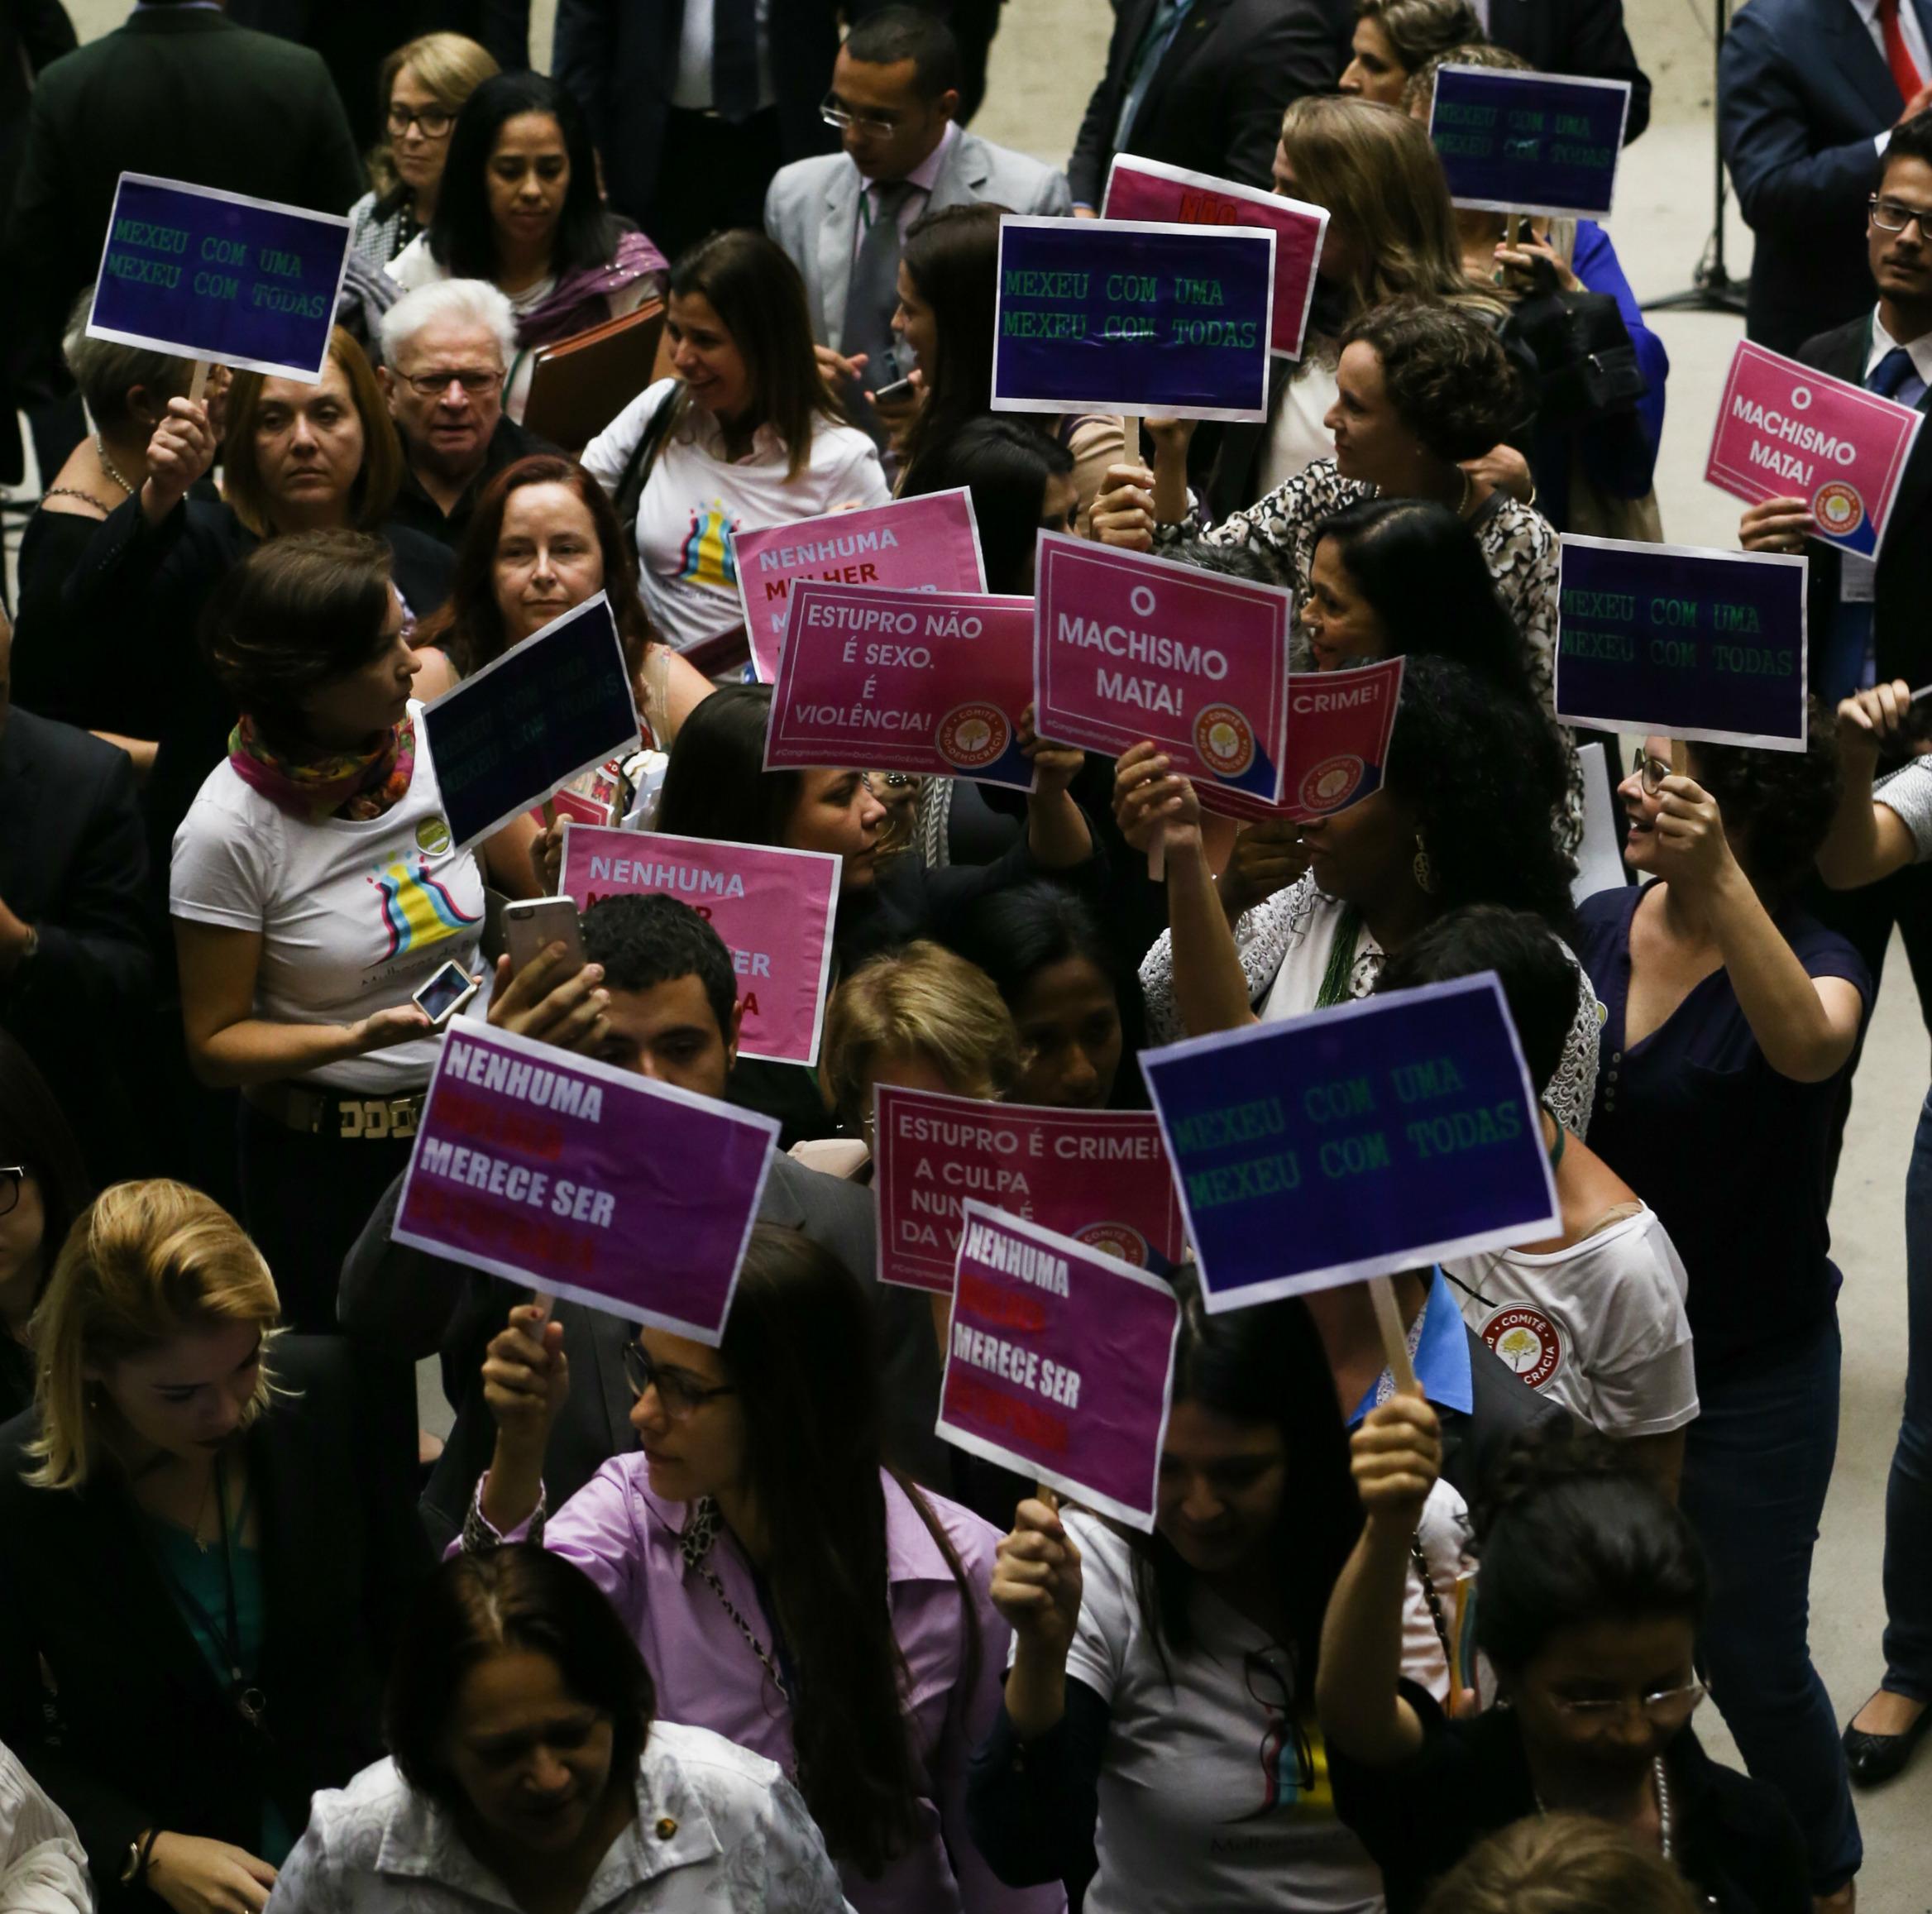 Parlamentares e representantes femininas pedem o fim da cultura do estupro - Foto: Lula Marques/ Agência PT